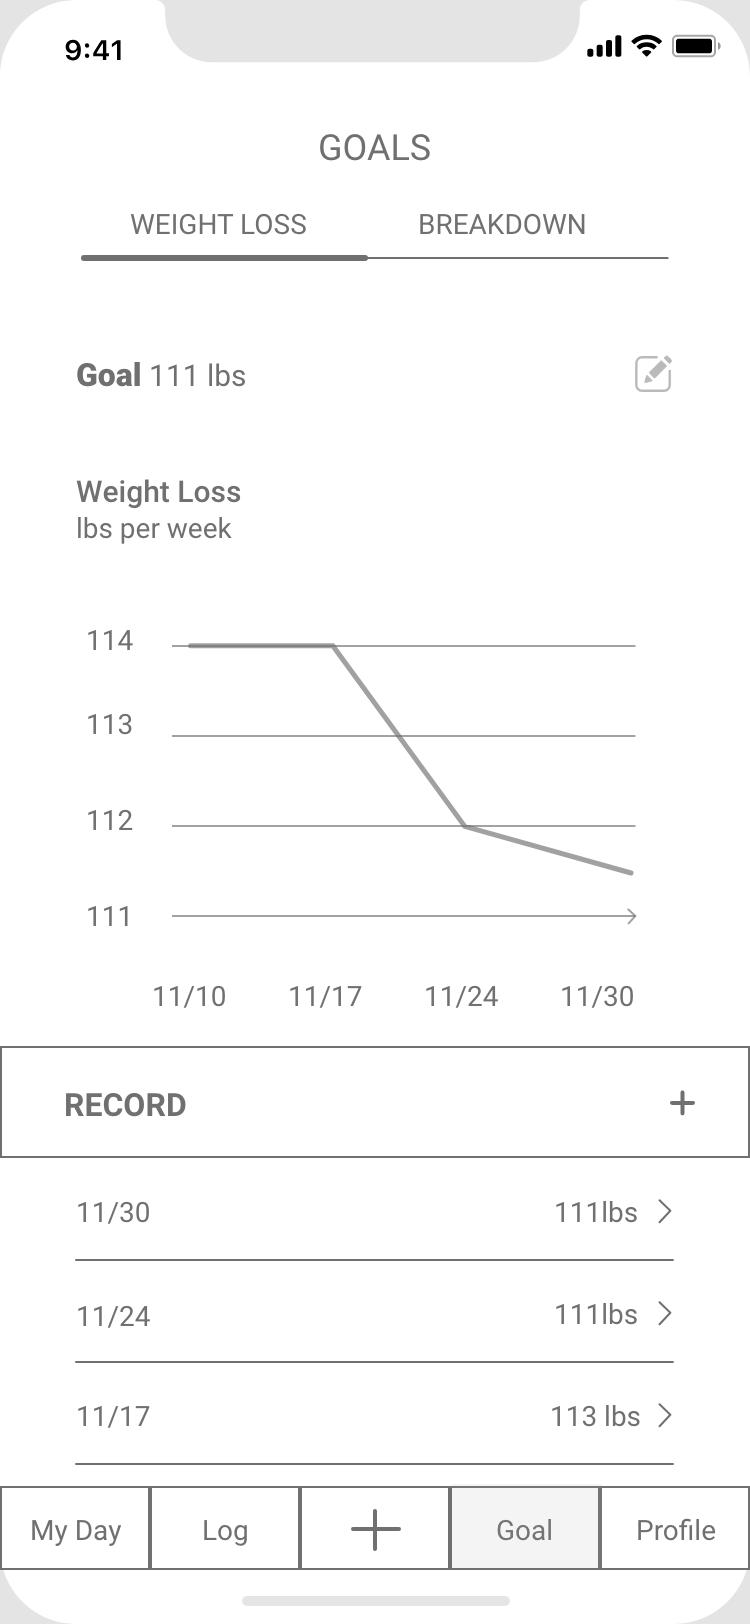 goals-weightloss@2x.png